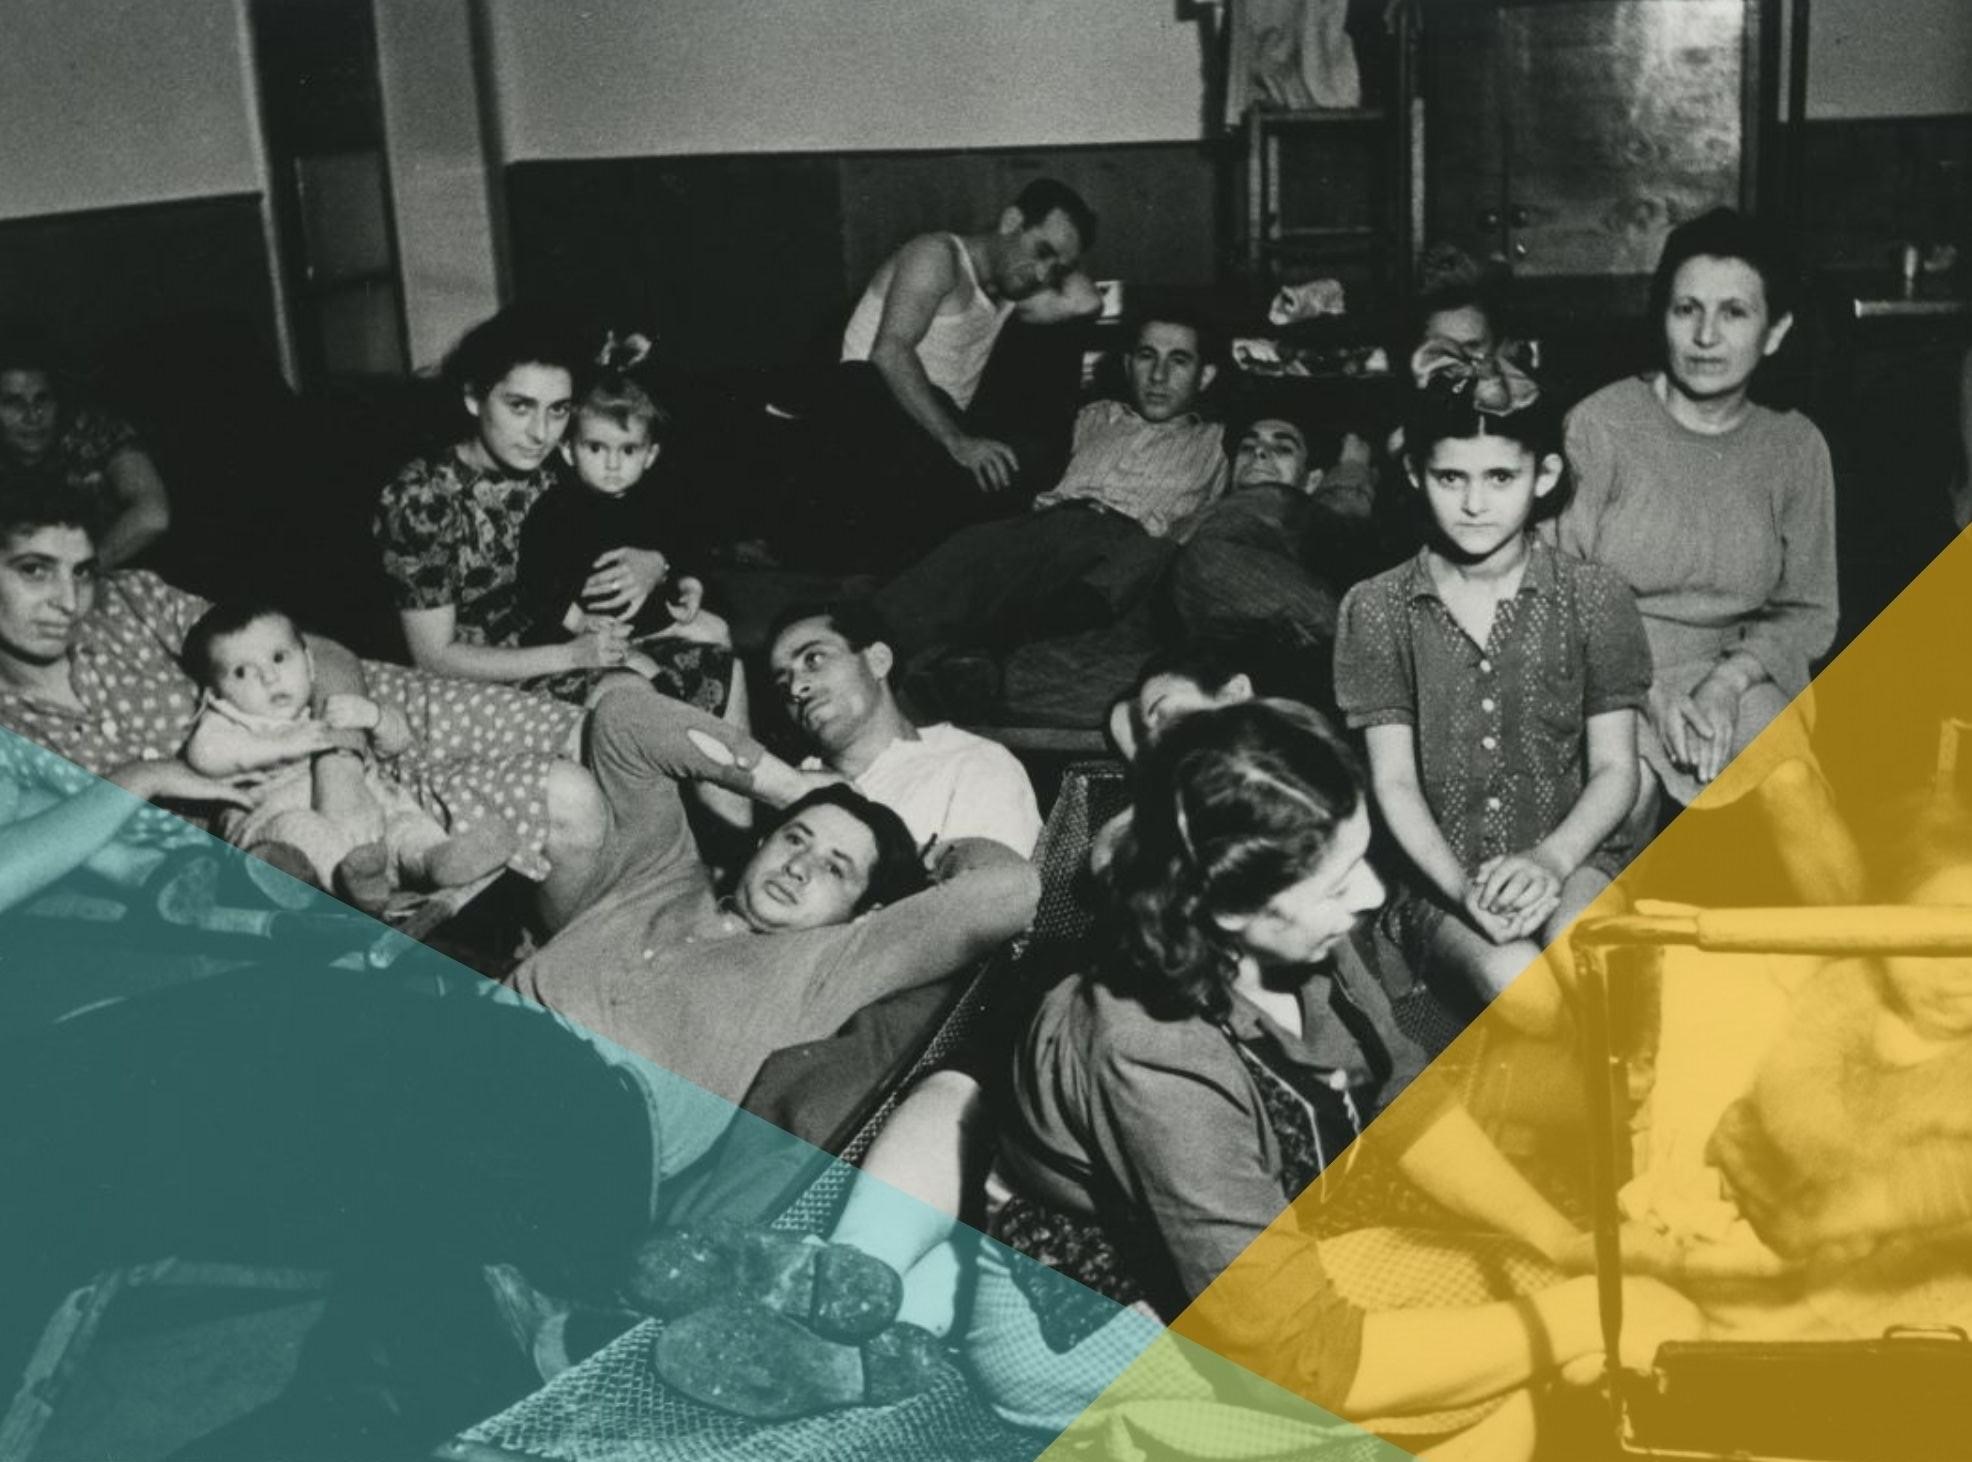 fino al 31/10/2020: aperte le iscrizioni al corso di perfezionamento in didattica della Shoah presso UNIFI